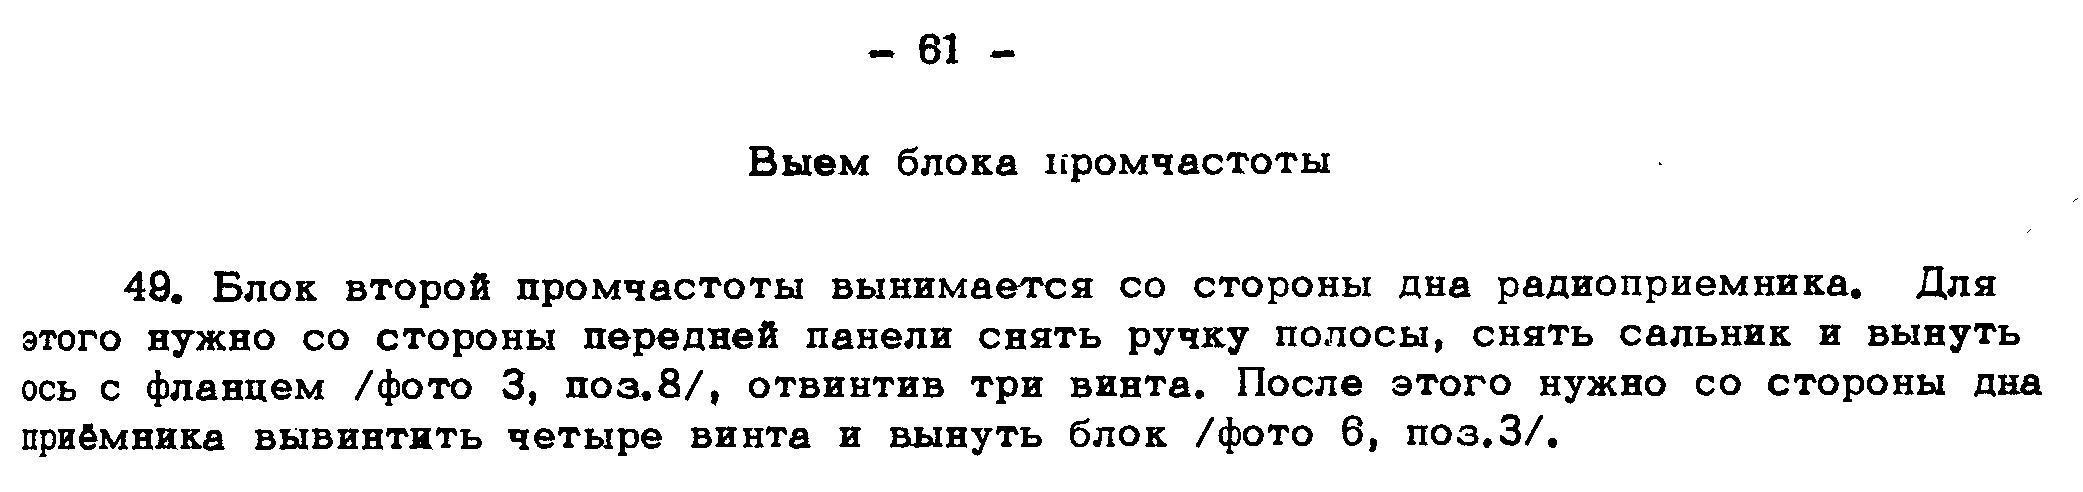 Фрагмент инструкции Р-309 по демонтажу блока ПЧ